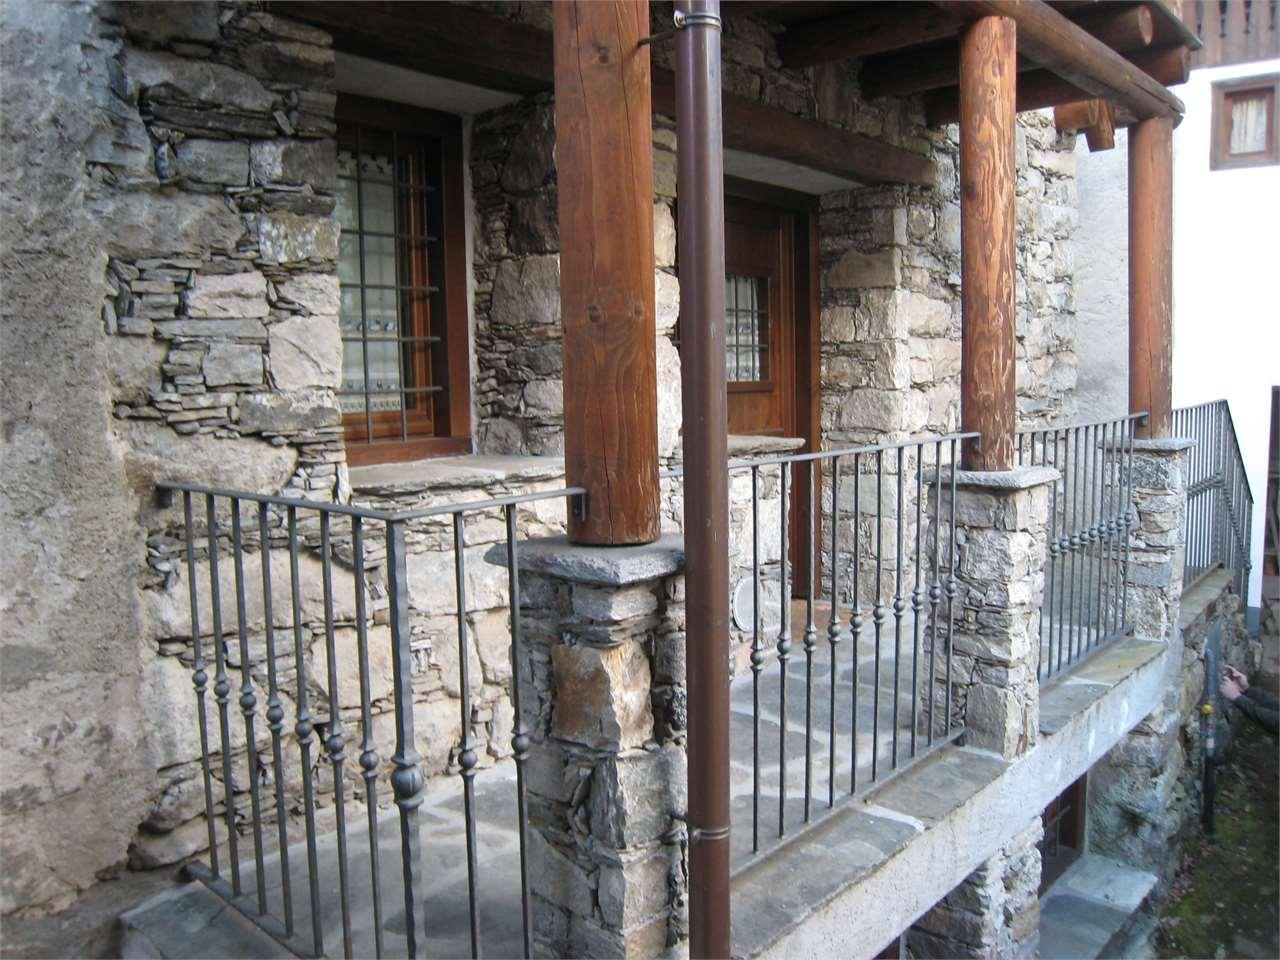 Vendita Casa Indipendente Casa/Villa Bannio Anzino via negri parnisetti 11 134059